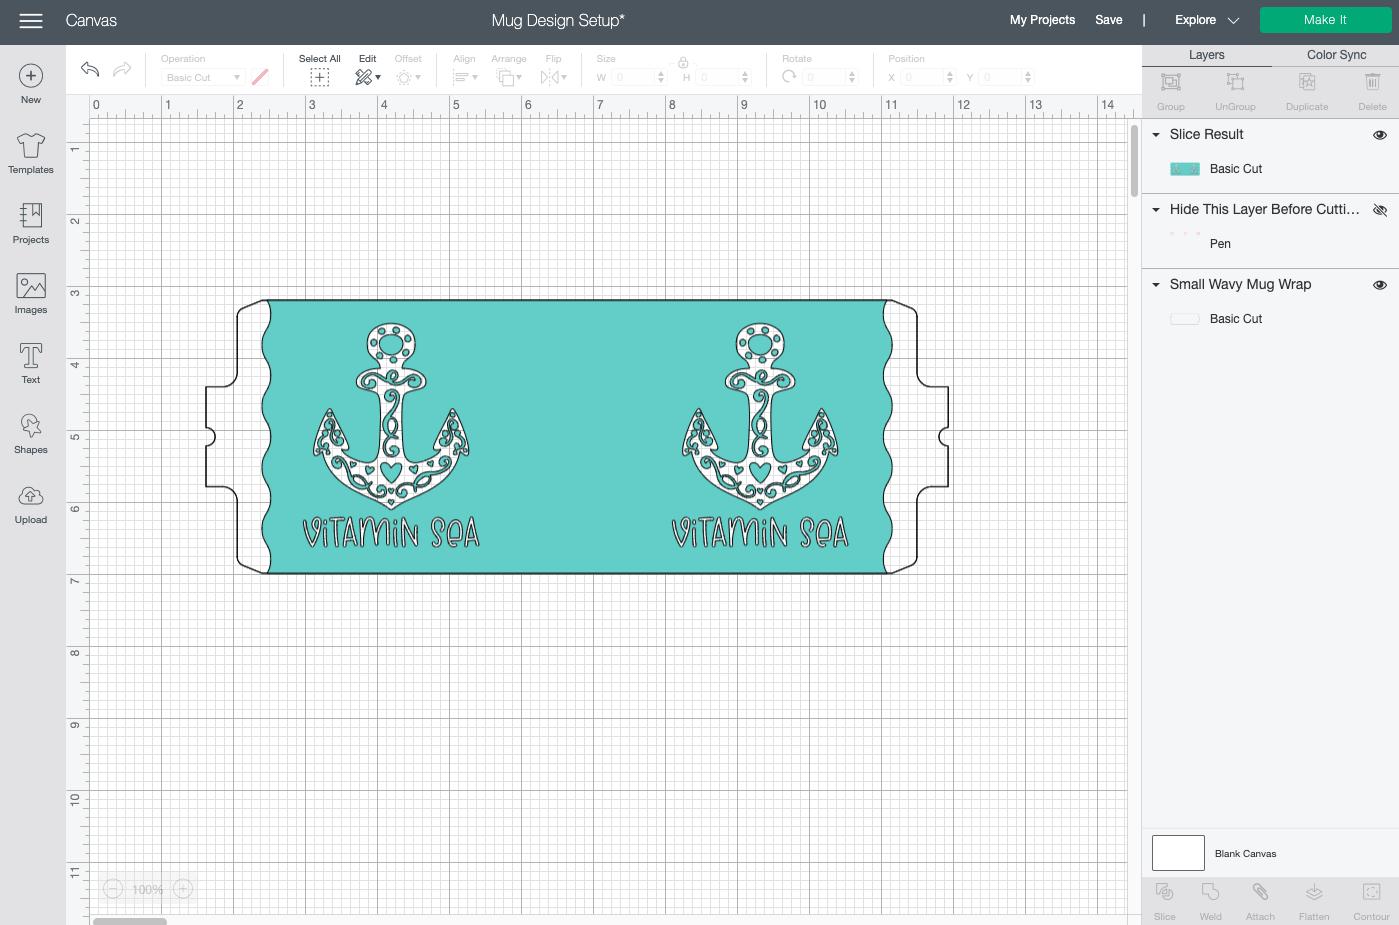 Cricut Design Space: Mug Press Guides hidden on canvas